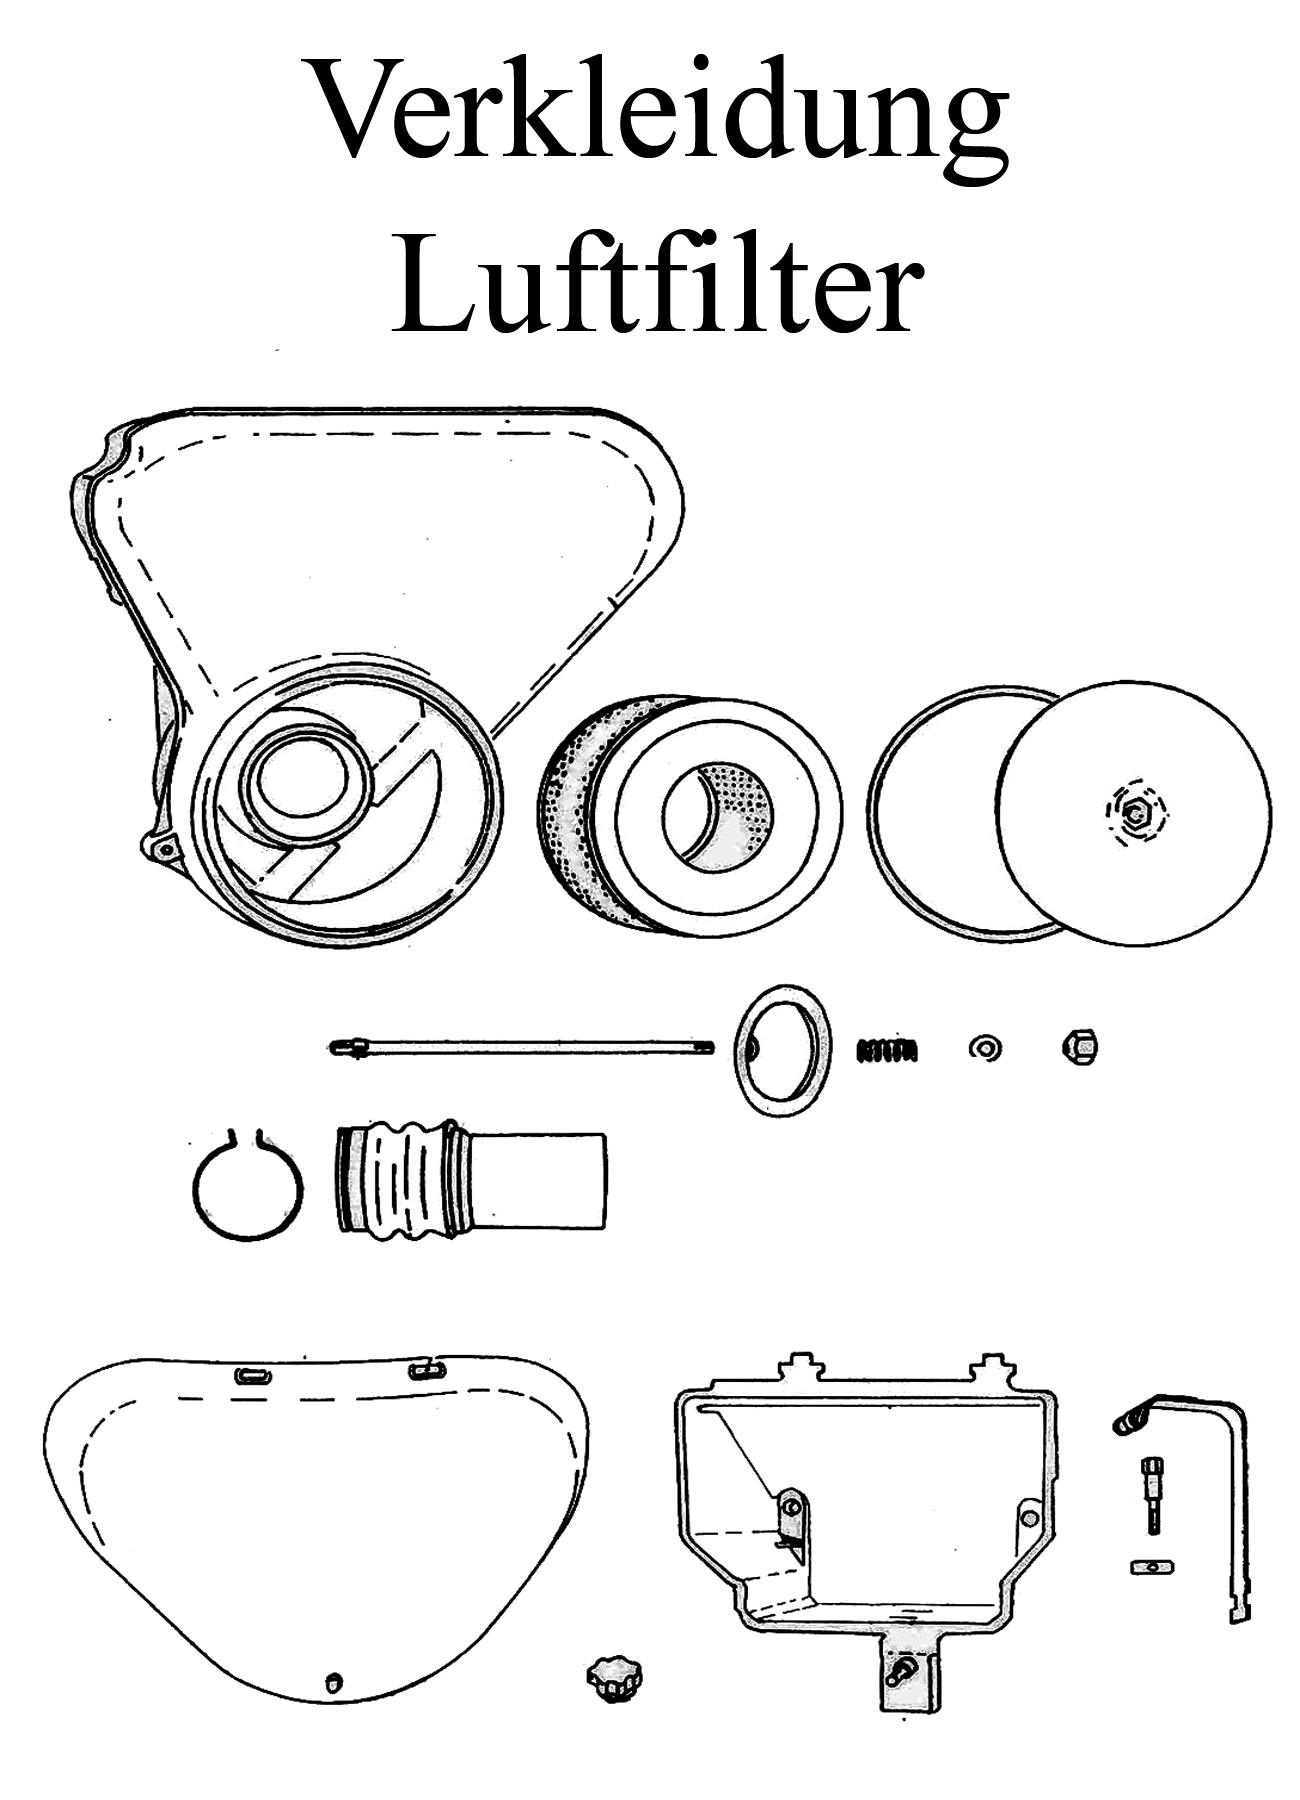 MZ TS 250/0-1 Ersatzteile Verkleidung Luftfilter